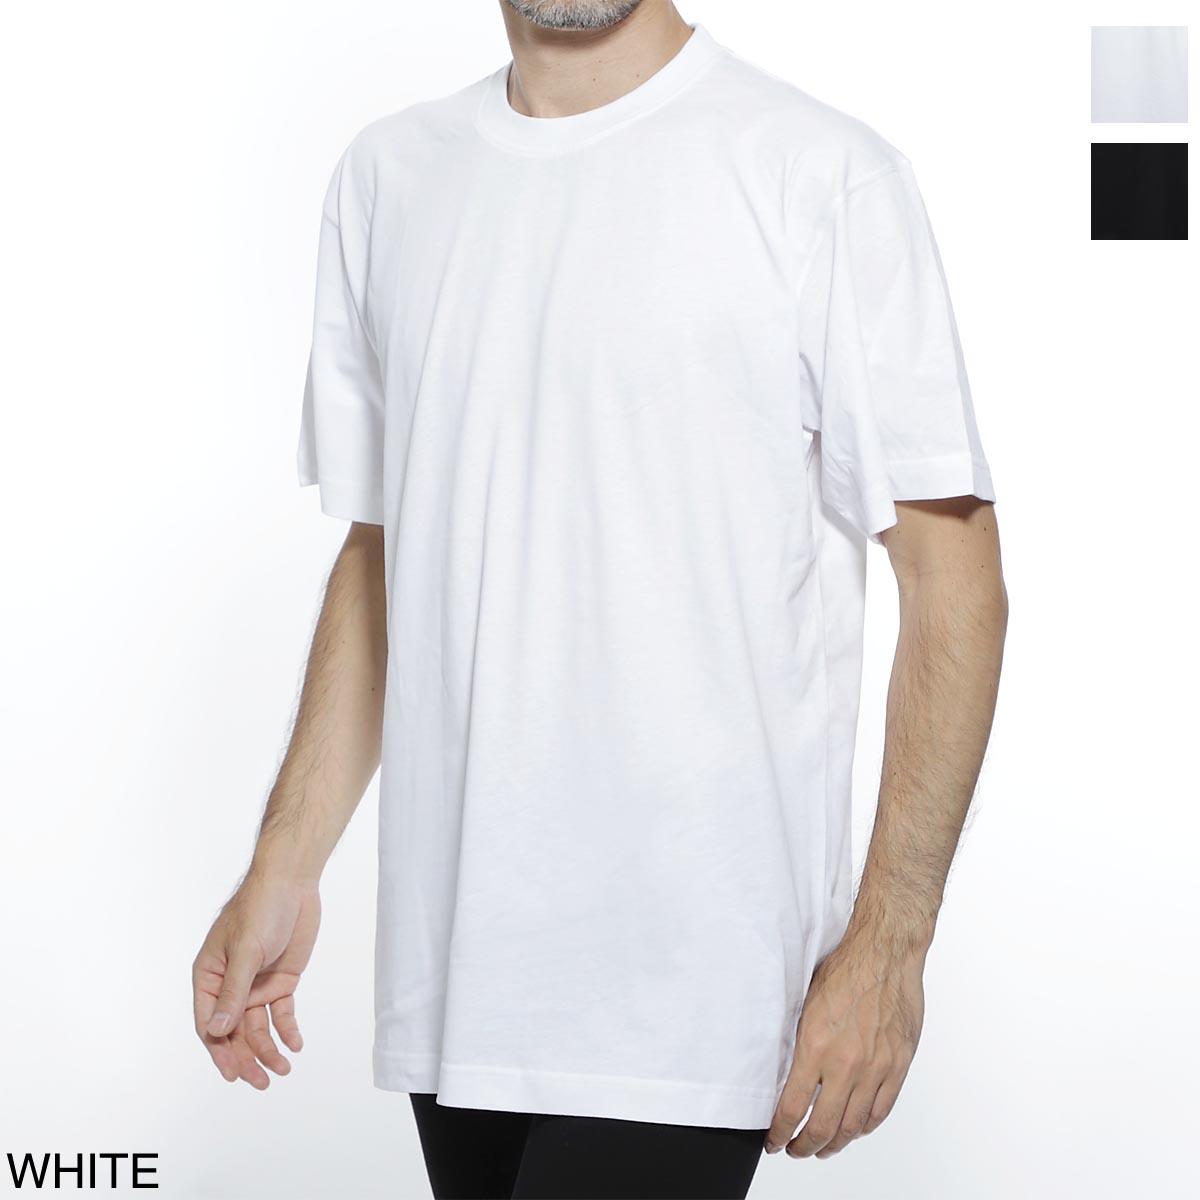 ヴェトモン VETEMENTS クルーネック Tシャツ メンズ カジュアル トップス インナー uah20tr602 white BASIC T-SHIRT【あす楽対応_関東】【返品送料無料】【ラッピング無料】